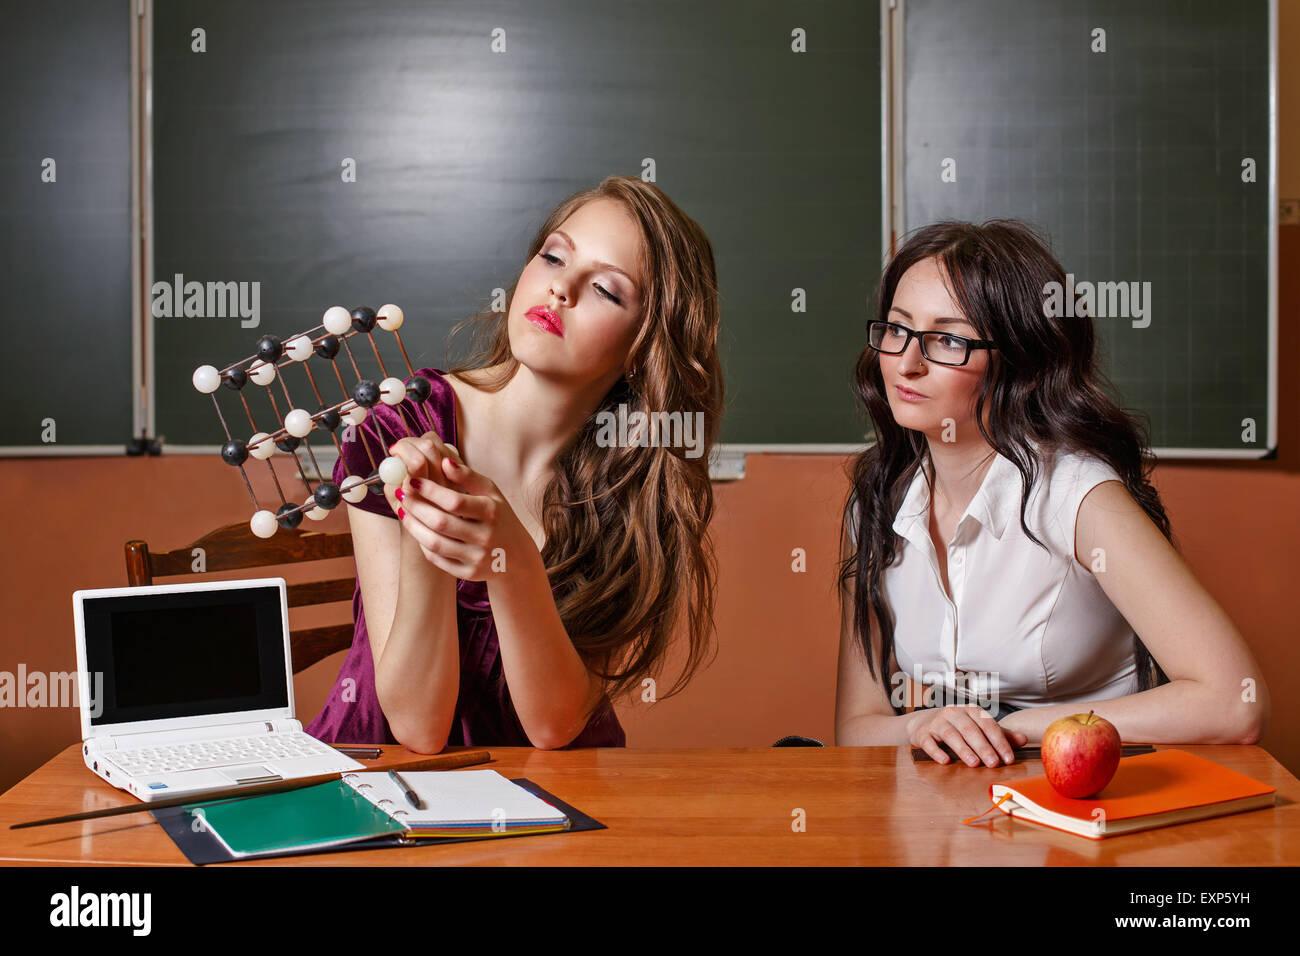 El Estudiante Habla Acerca De La Estructura De La Red